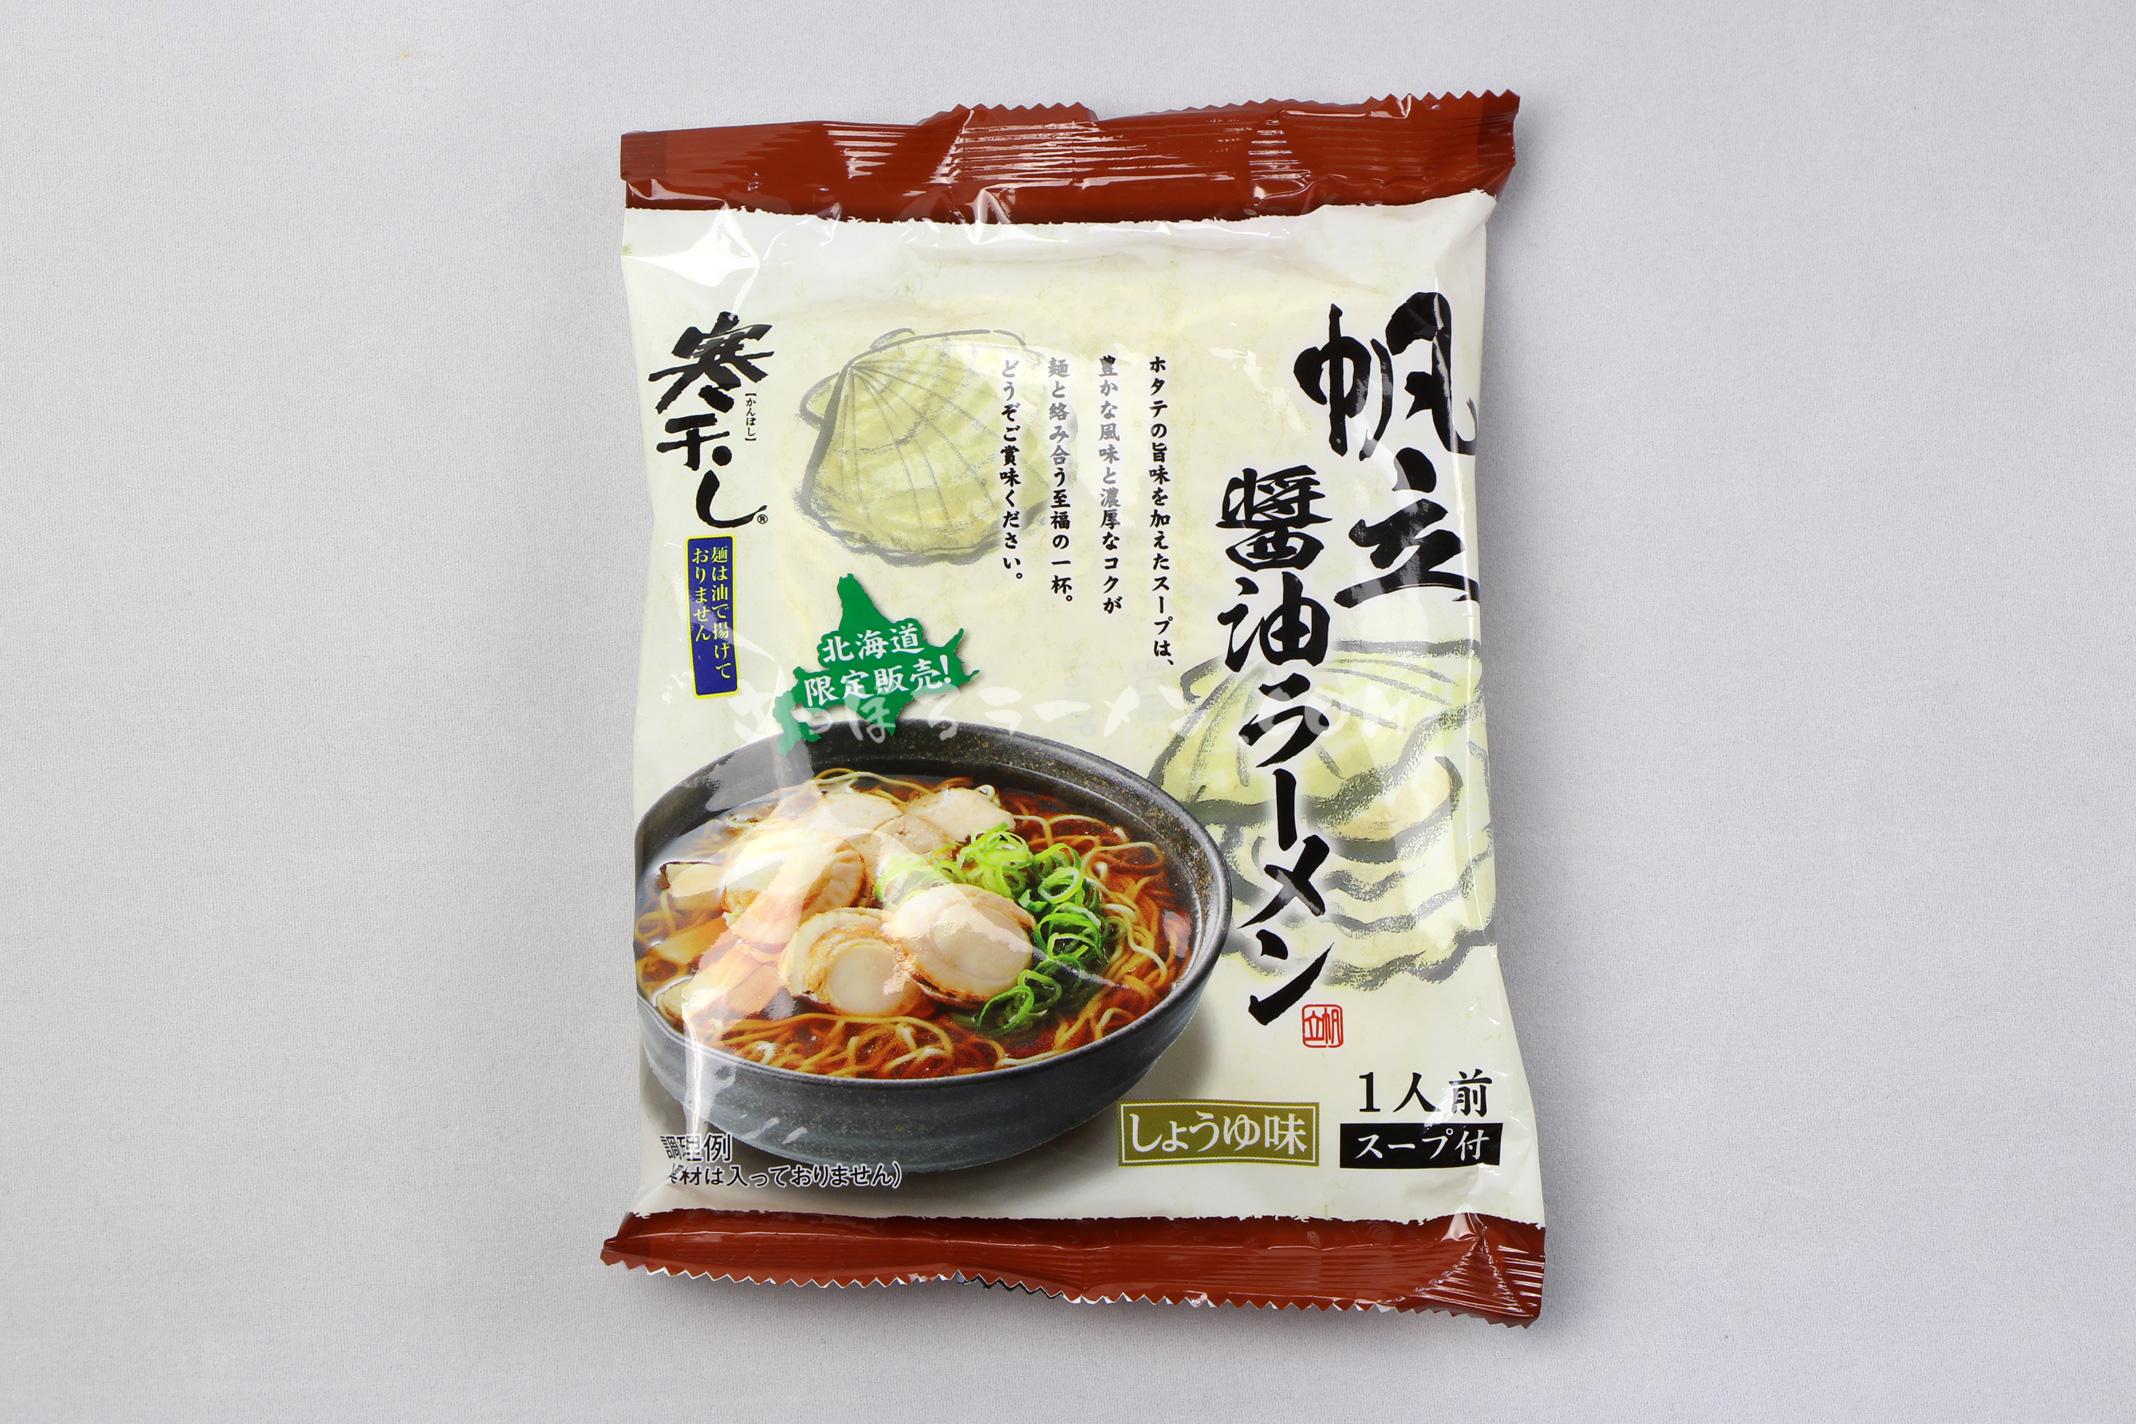 「北海道限定販売 寒干し 帆立醬油ラーメン」(菊水)のパッケージ(表)